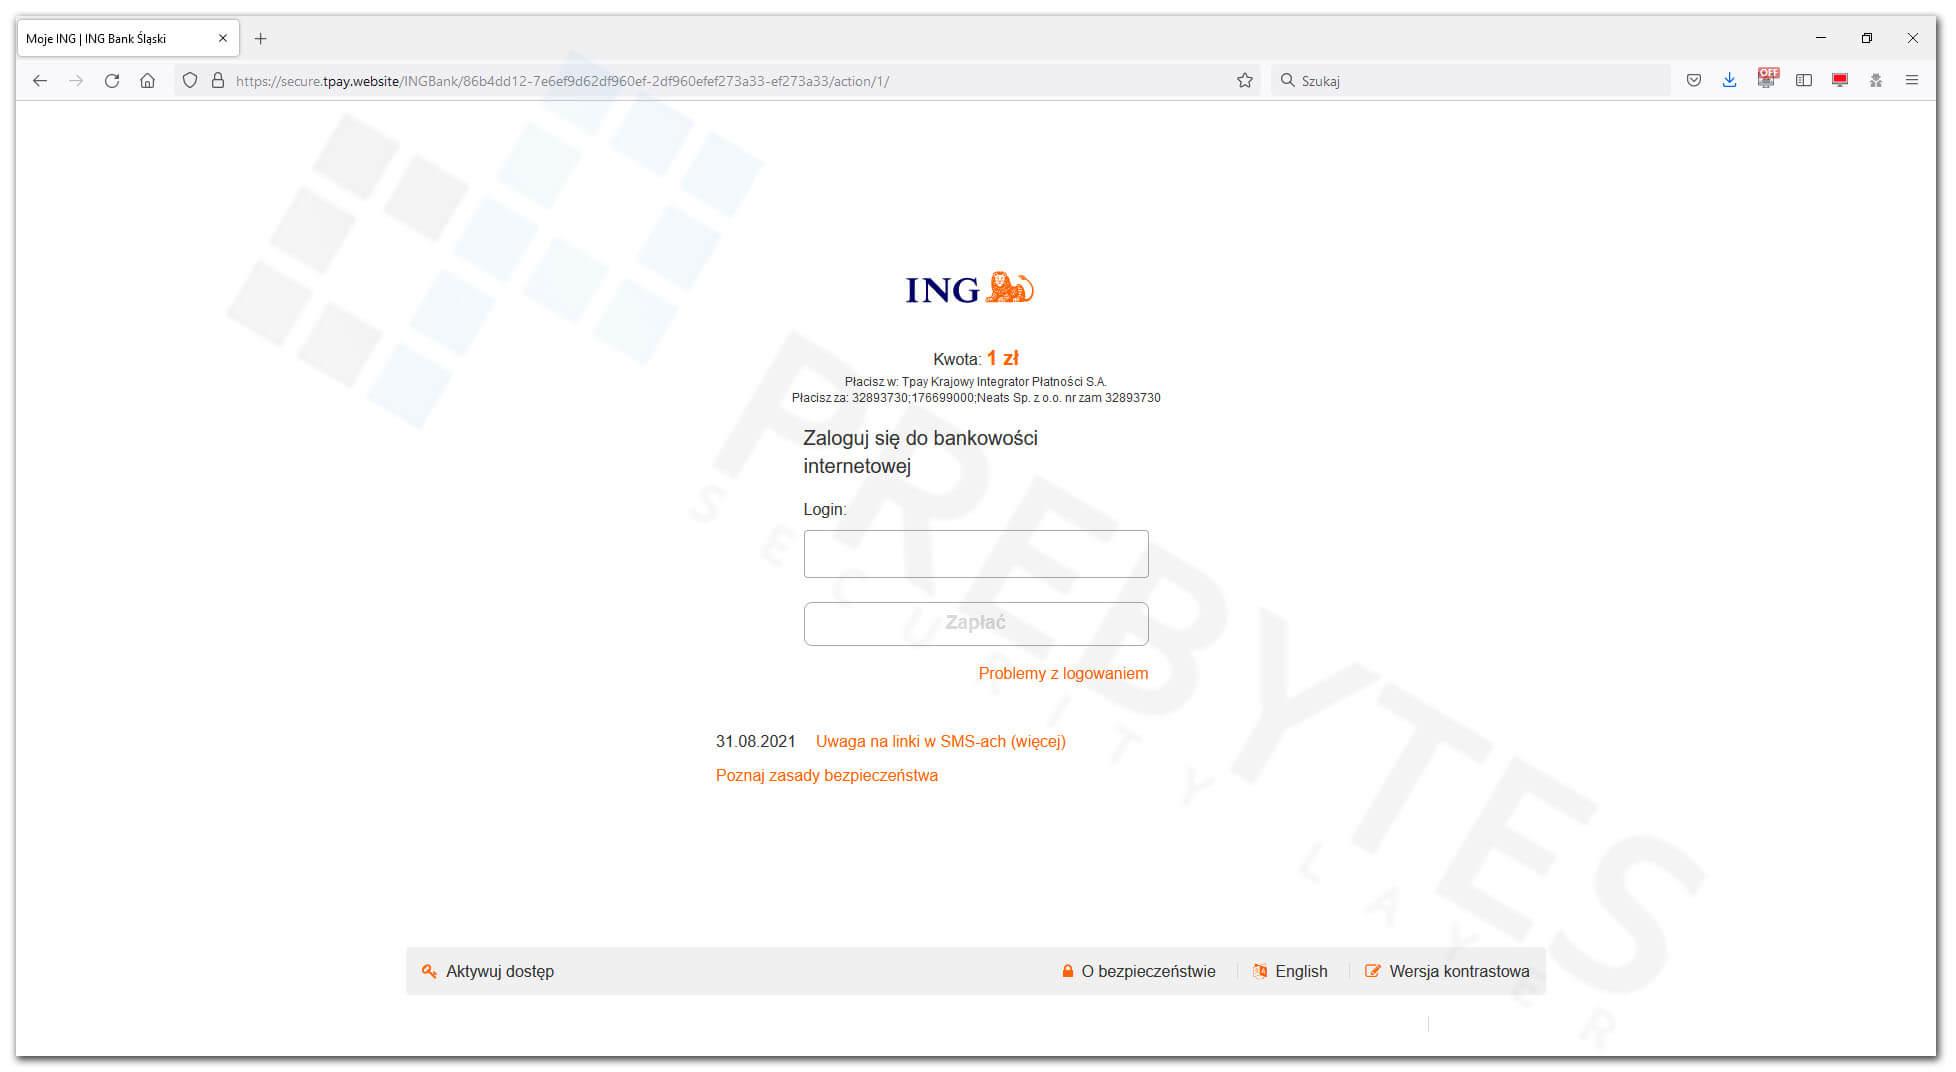 Podanie loginu do bankowości internetowej ING BP